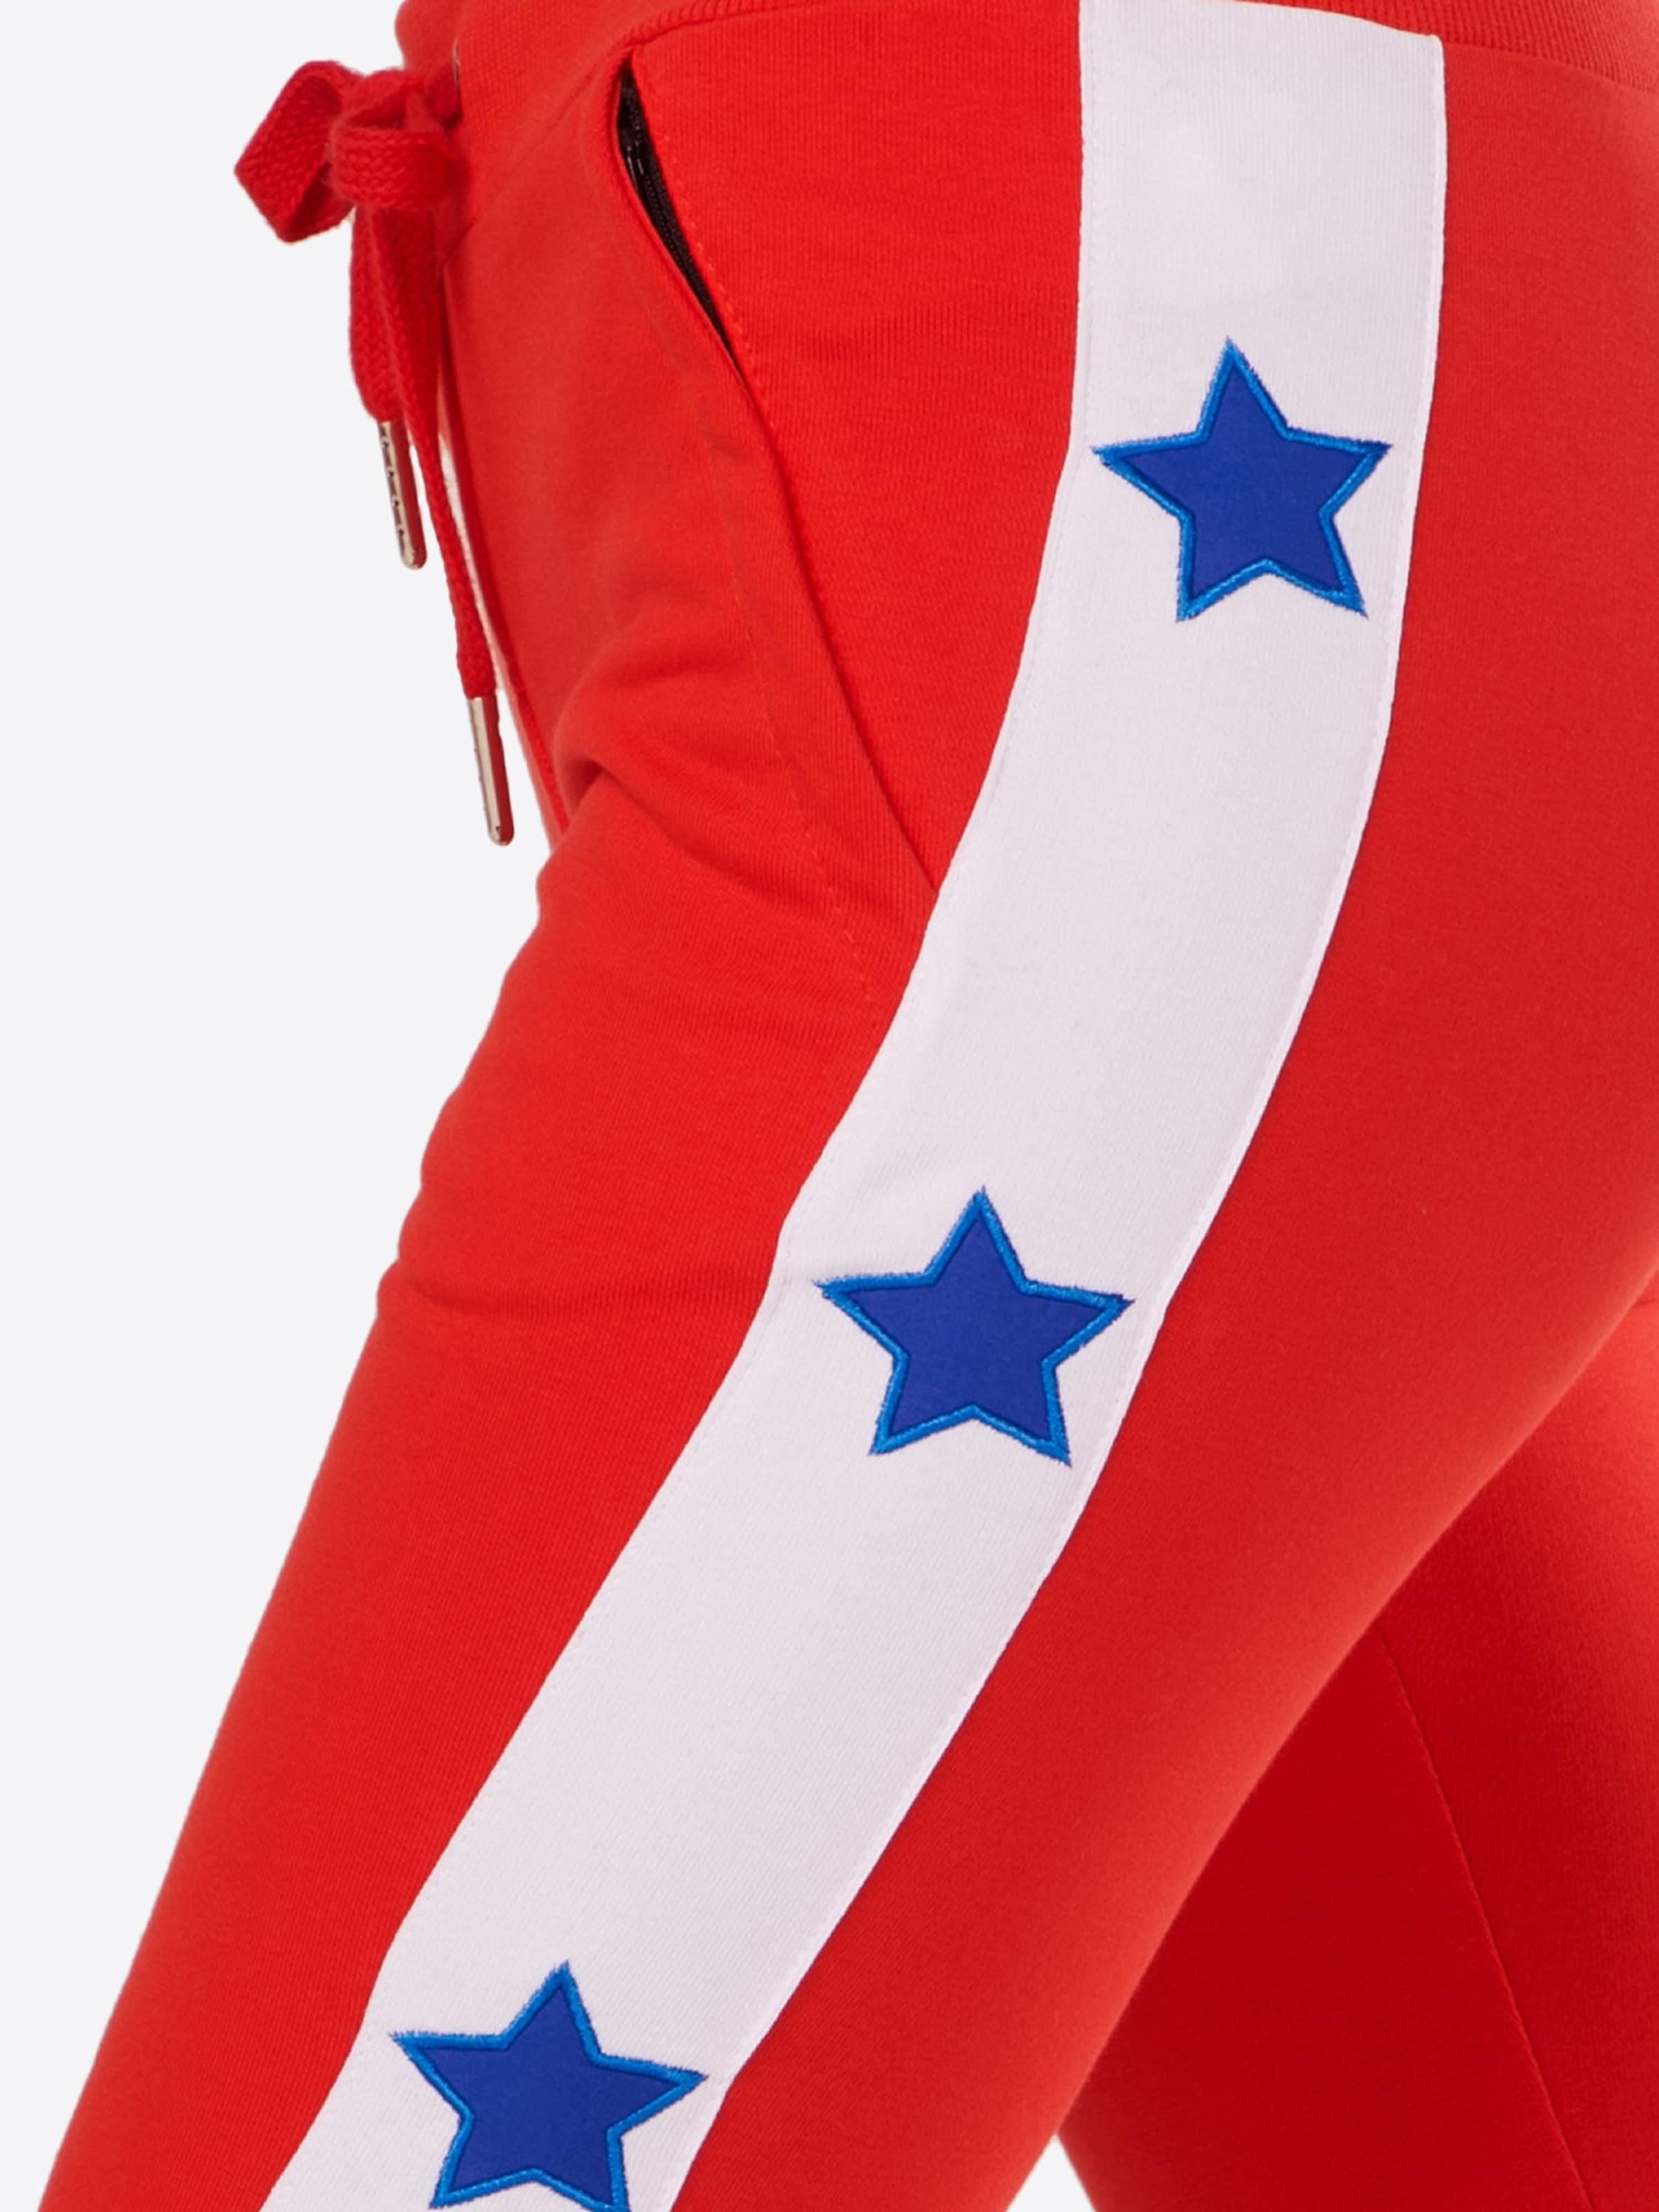 Colourful Rebel Sweathose 'Stargirl' Steckdose Billig Authentisch Billig Einkaufen mrd58gp